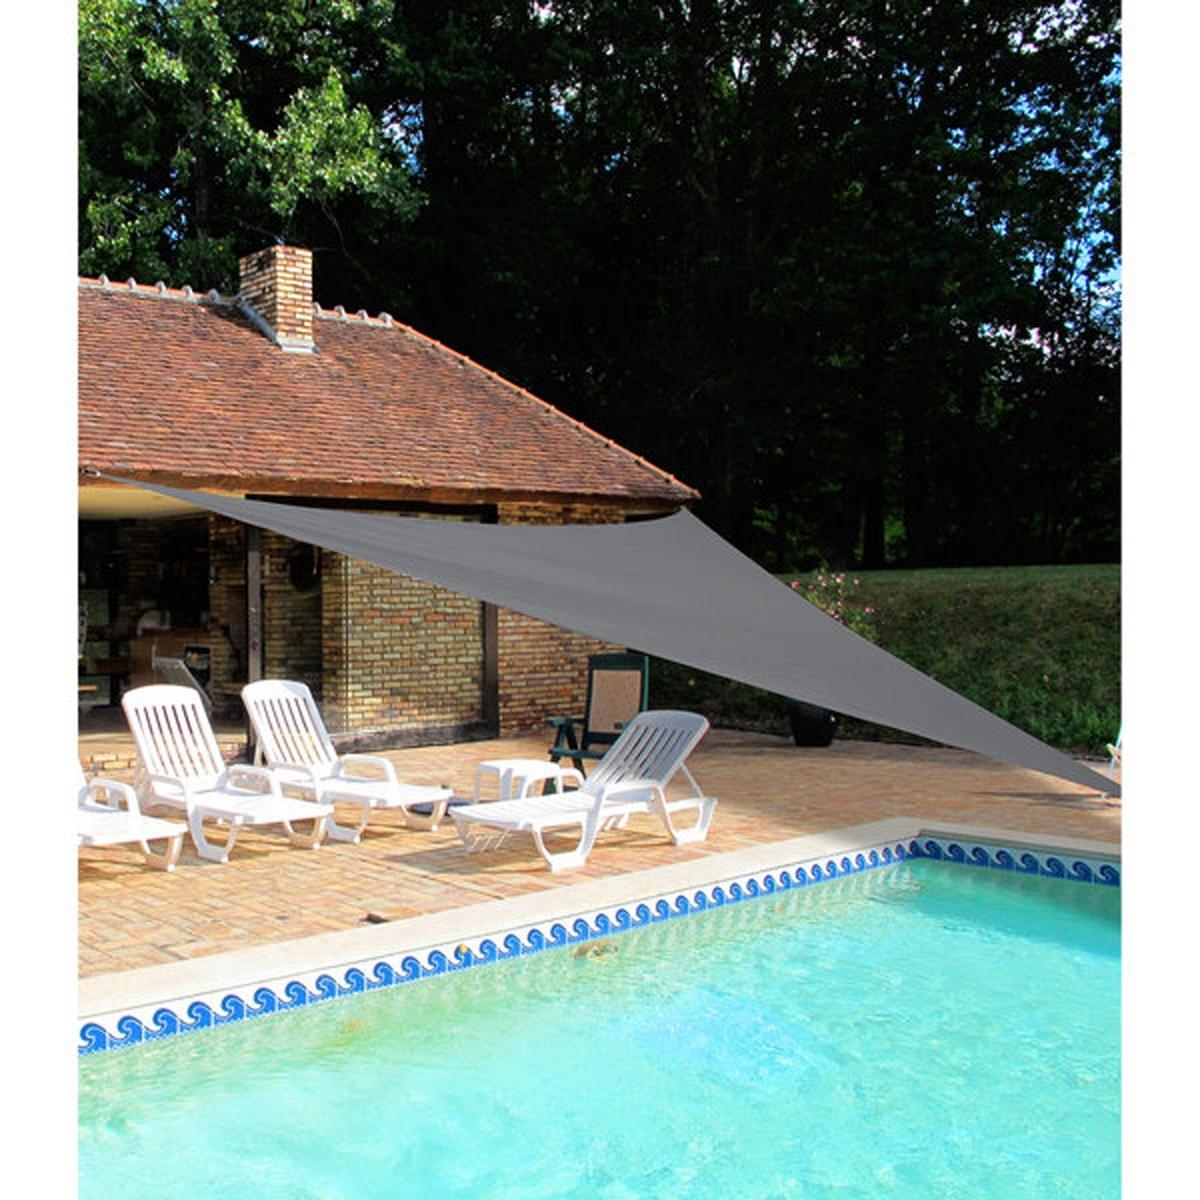 Тент натяжной треугольныйХарактеристики натяжного тента   : - Тент непромокаемый с УФ-обработкой - Вуаль 100% полиэстера плотностью 180 г/м?   - Продается с 3 веревками ? 0,6 см x длина.. 150 см. - Размеры. тента   : 5 м x 5 м x 5 м.<br><br>Цвет: темно-серый